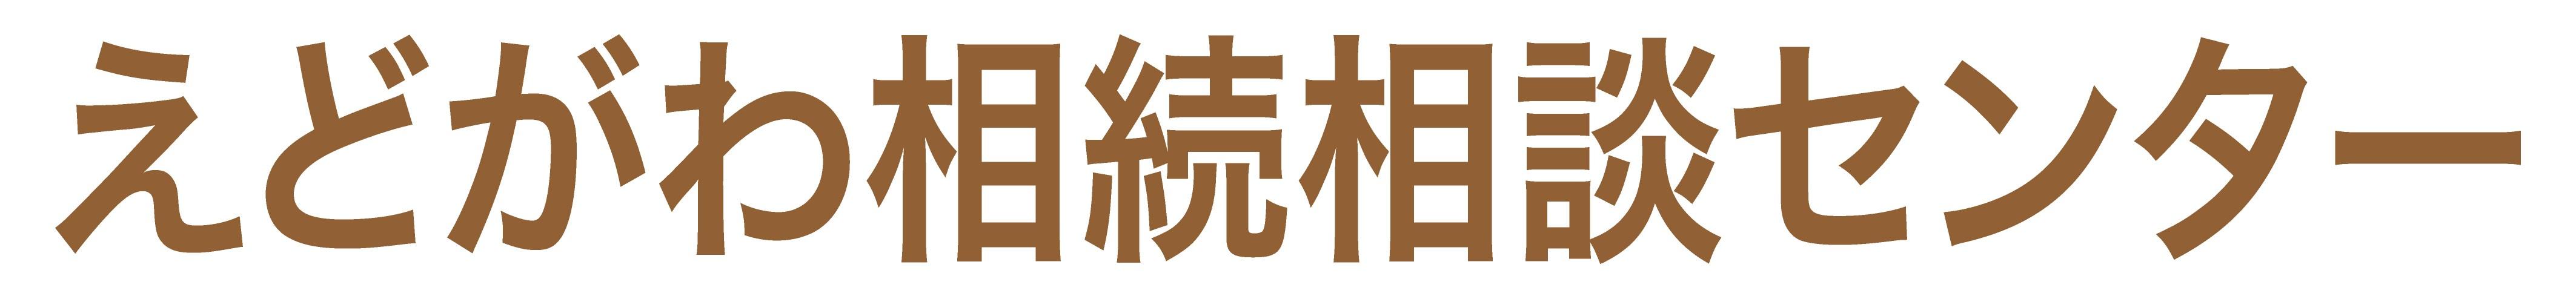 えどがわ相続相談センター❘高木司法書士・行政書士事務所